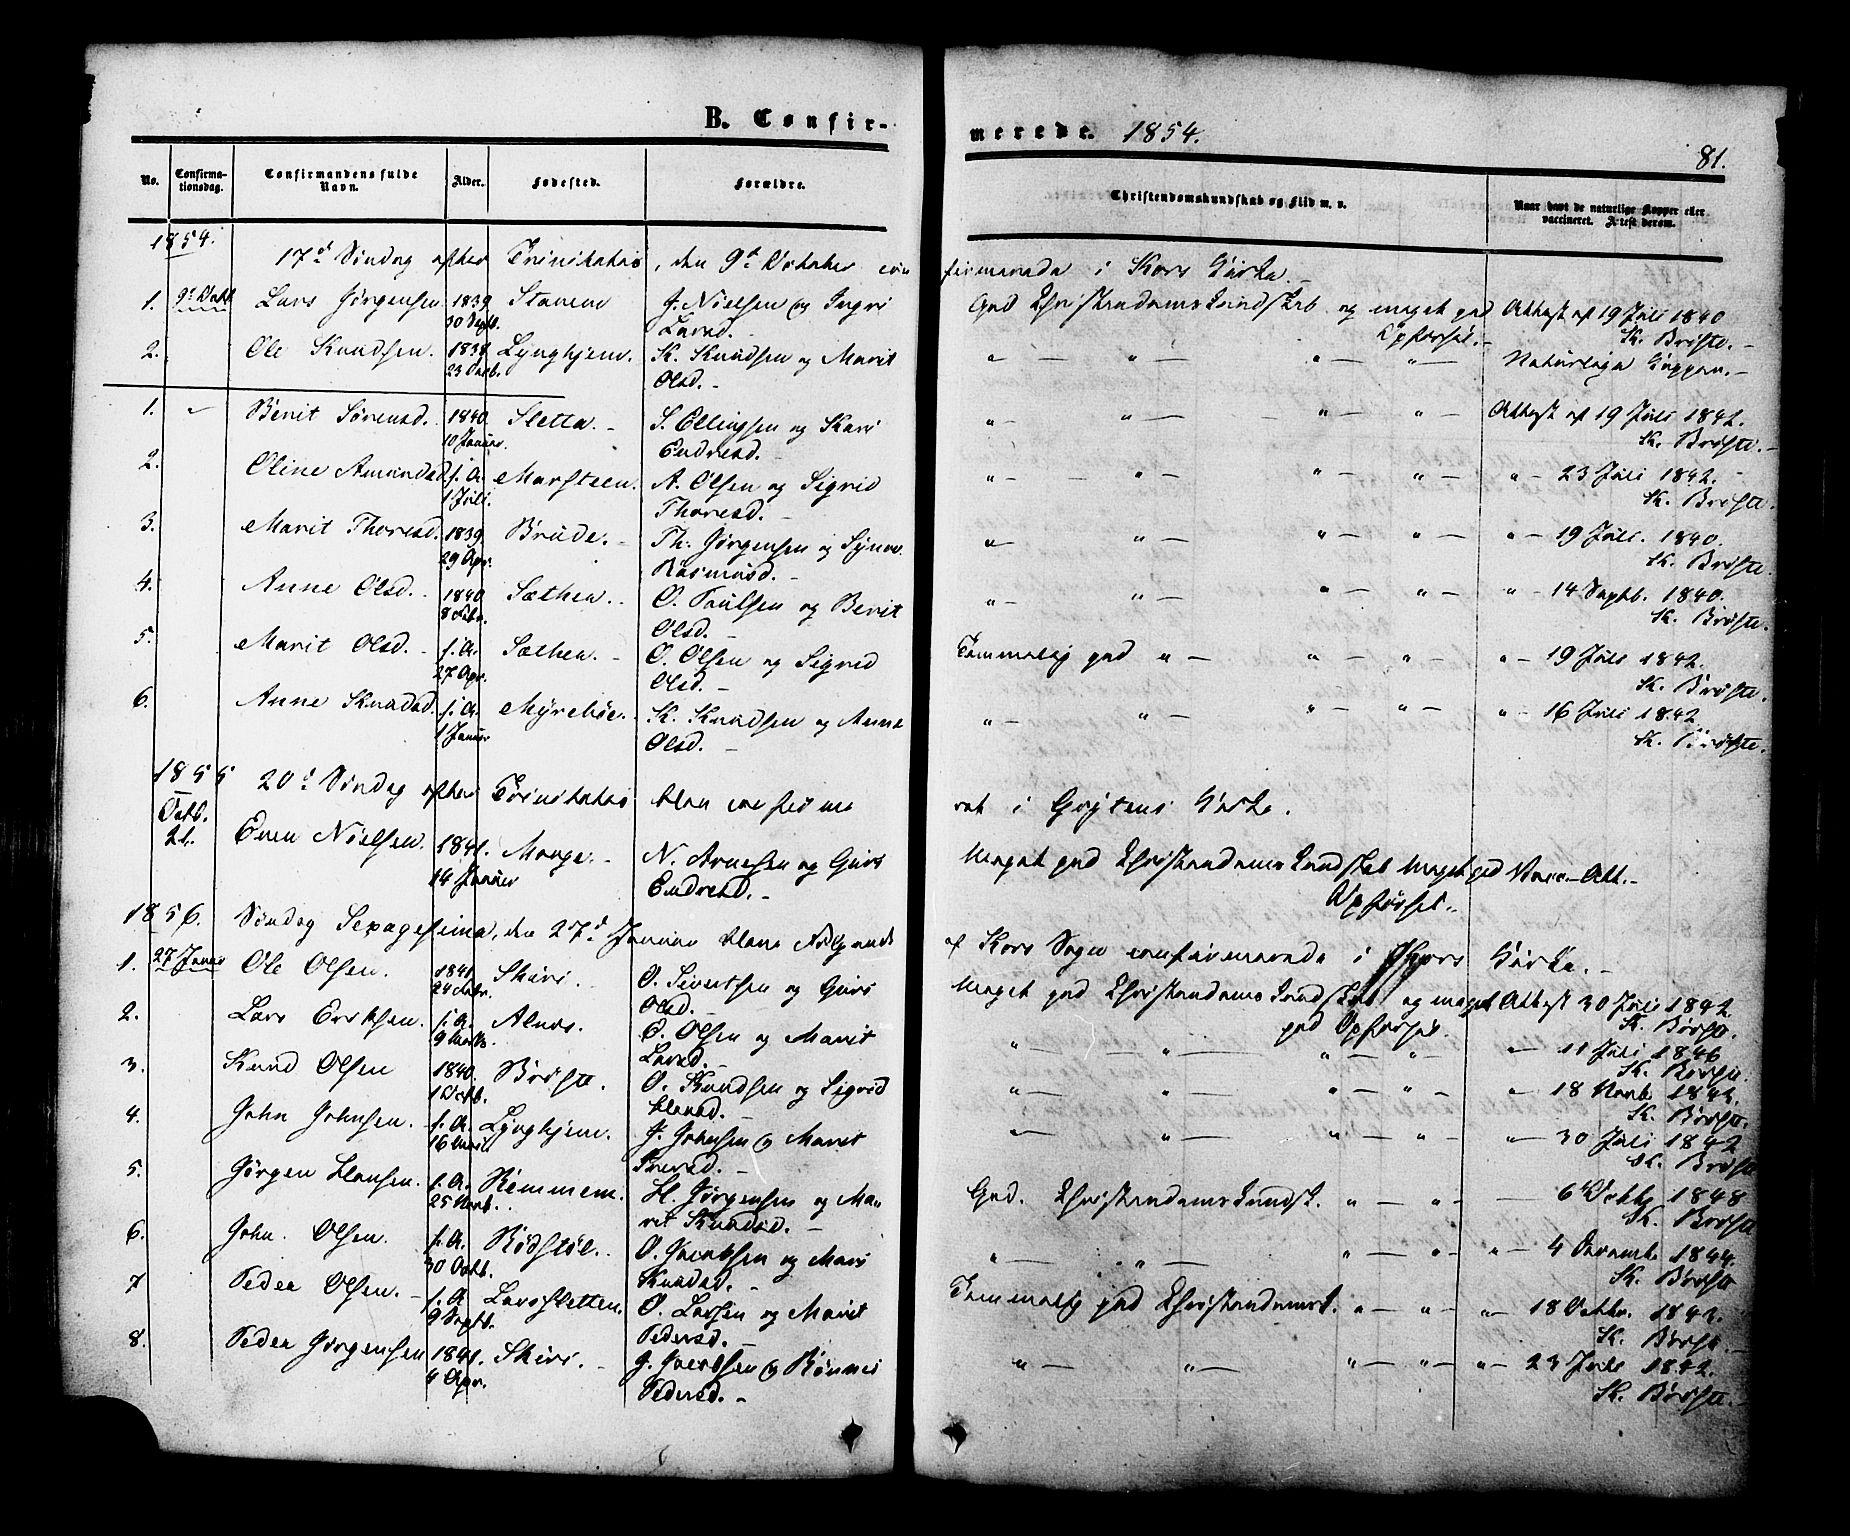 SAT, Ministerialprotokoller, klokkerbøker og fødselsregistre - Møre og Romsdal, 546/L0594: Ministerialbok nr. 546A02, 1854-1882, s. 81